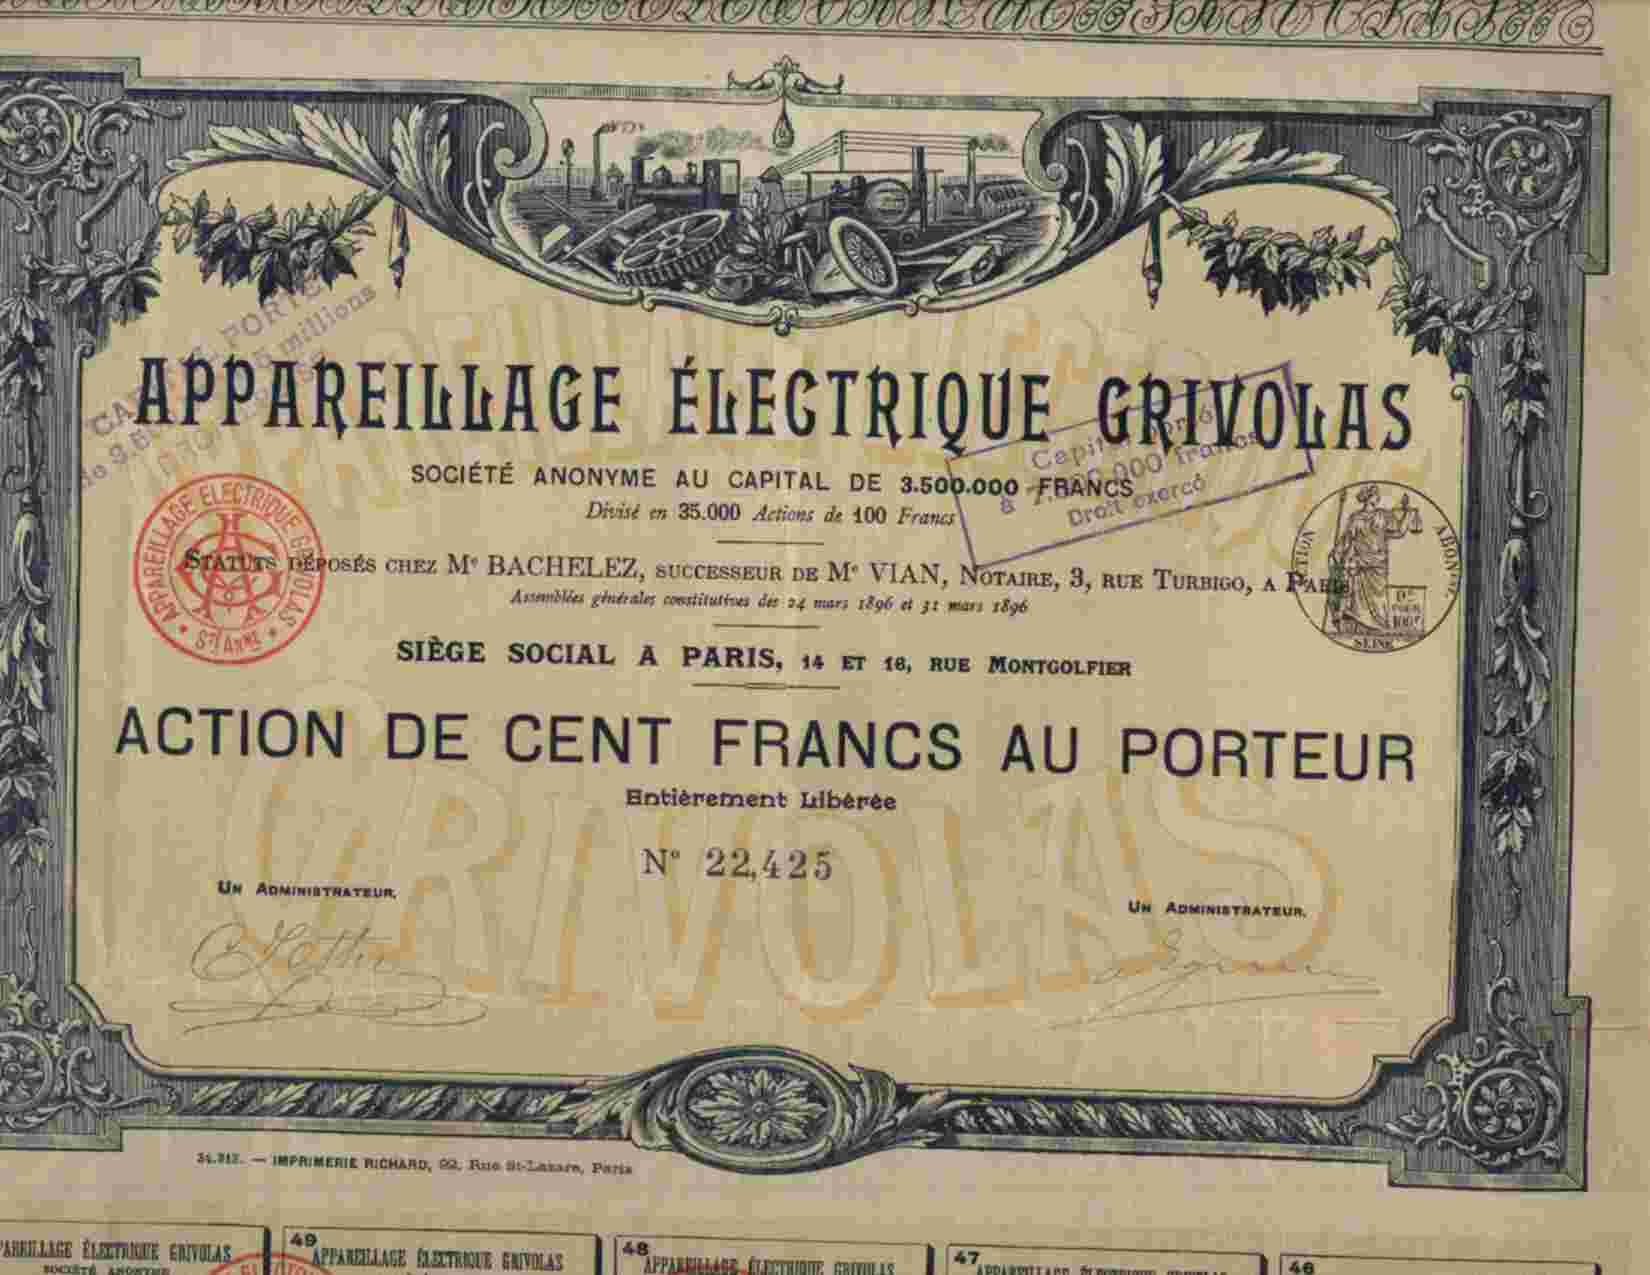 DECO : APPAREILLAGE ELECTRIQUE GRIVOLAS - Electricité & Gaz